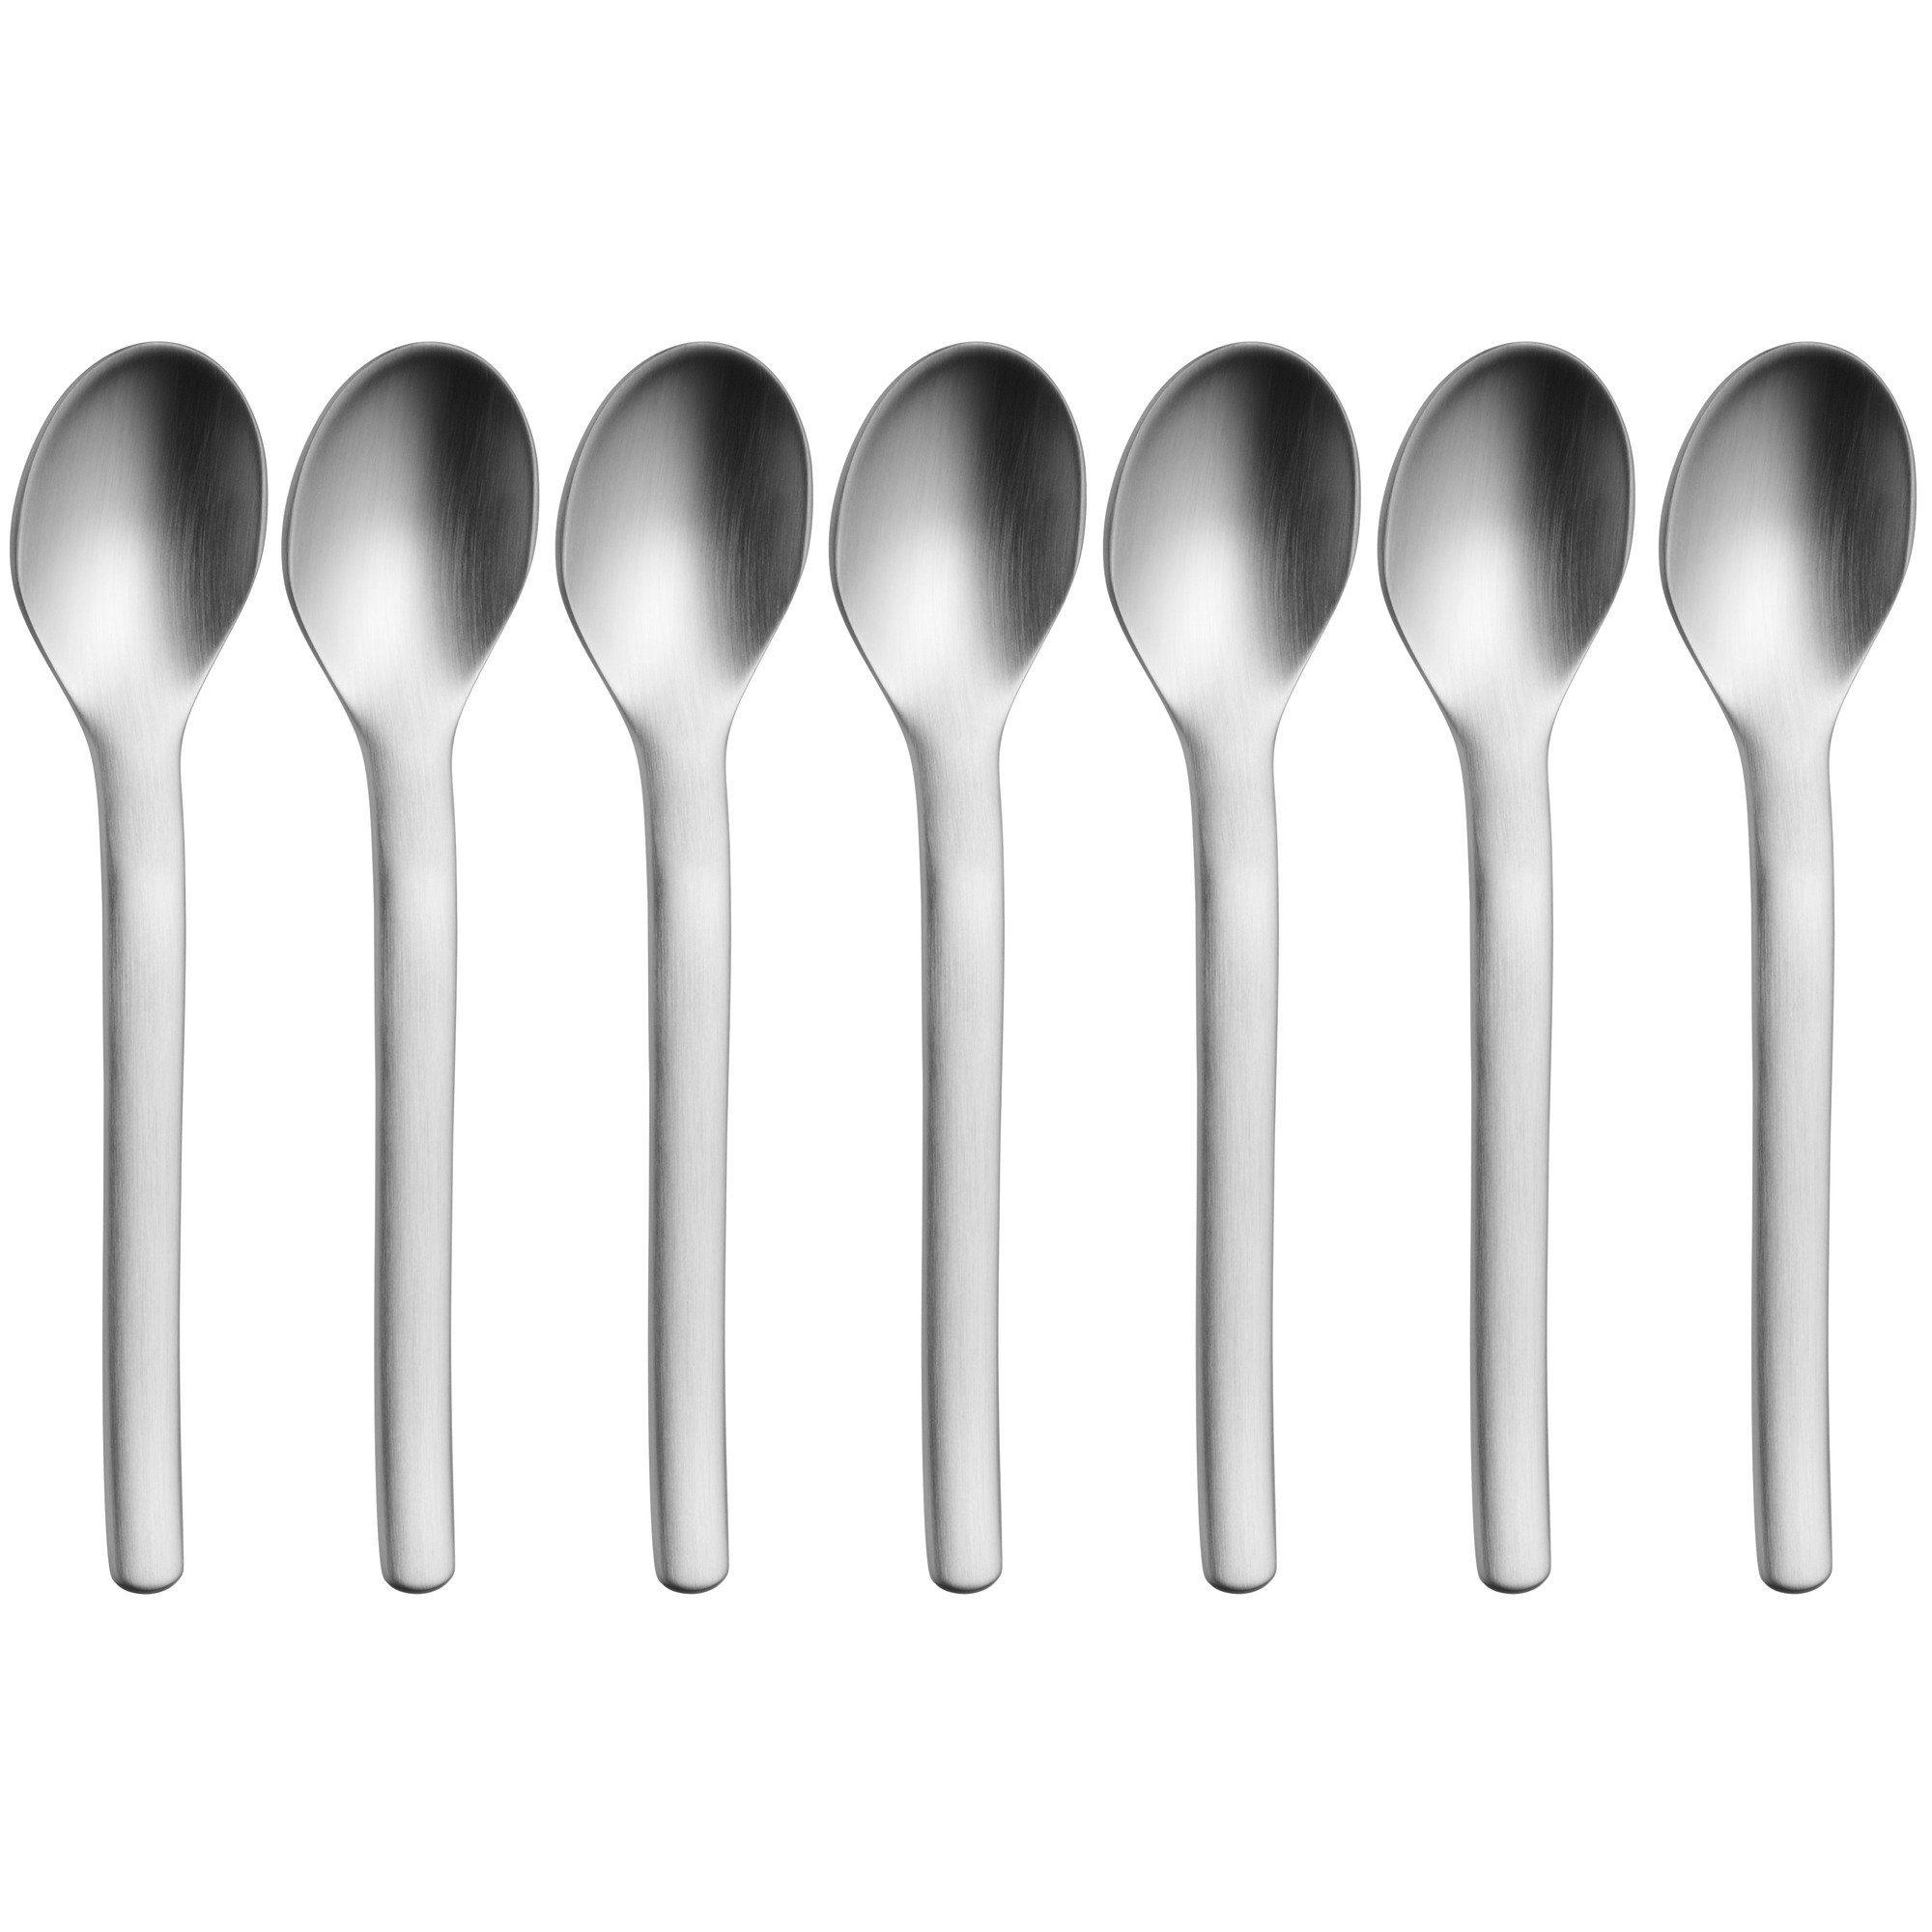 WMF Espressolöffel Evoque Wohnen/Haushalt/Haushaltswaren/Besteck & Messer/Besteck-Einzelteile